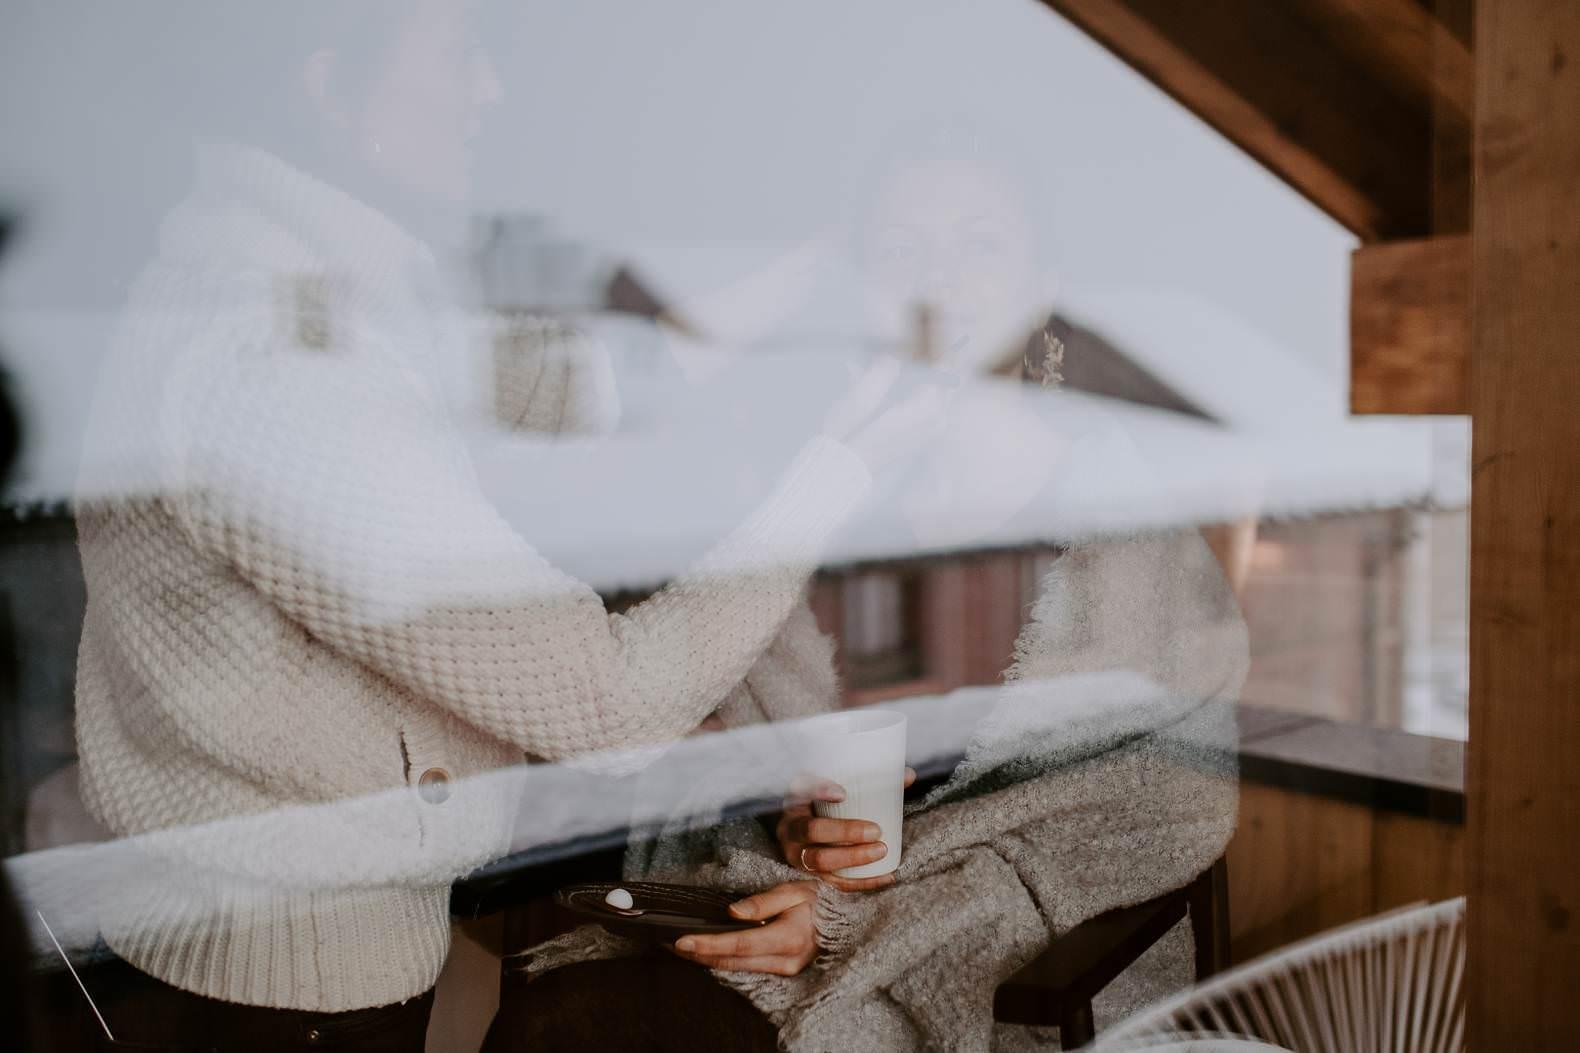 mariage hiver alpes huez isere hotel grandes rousses photographe bel esprit 0009